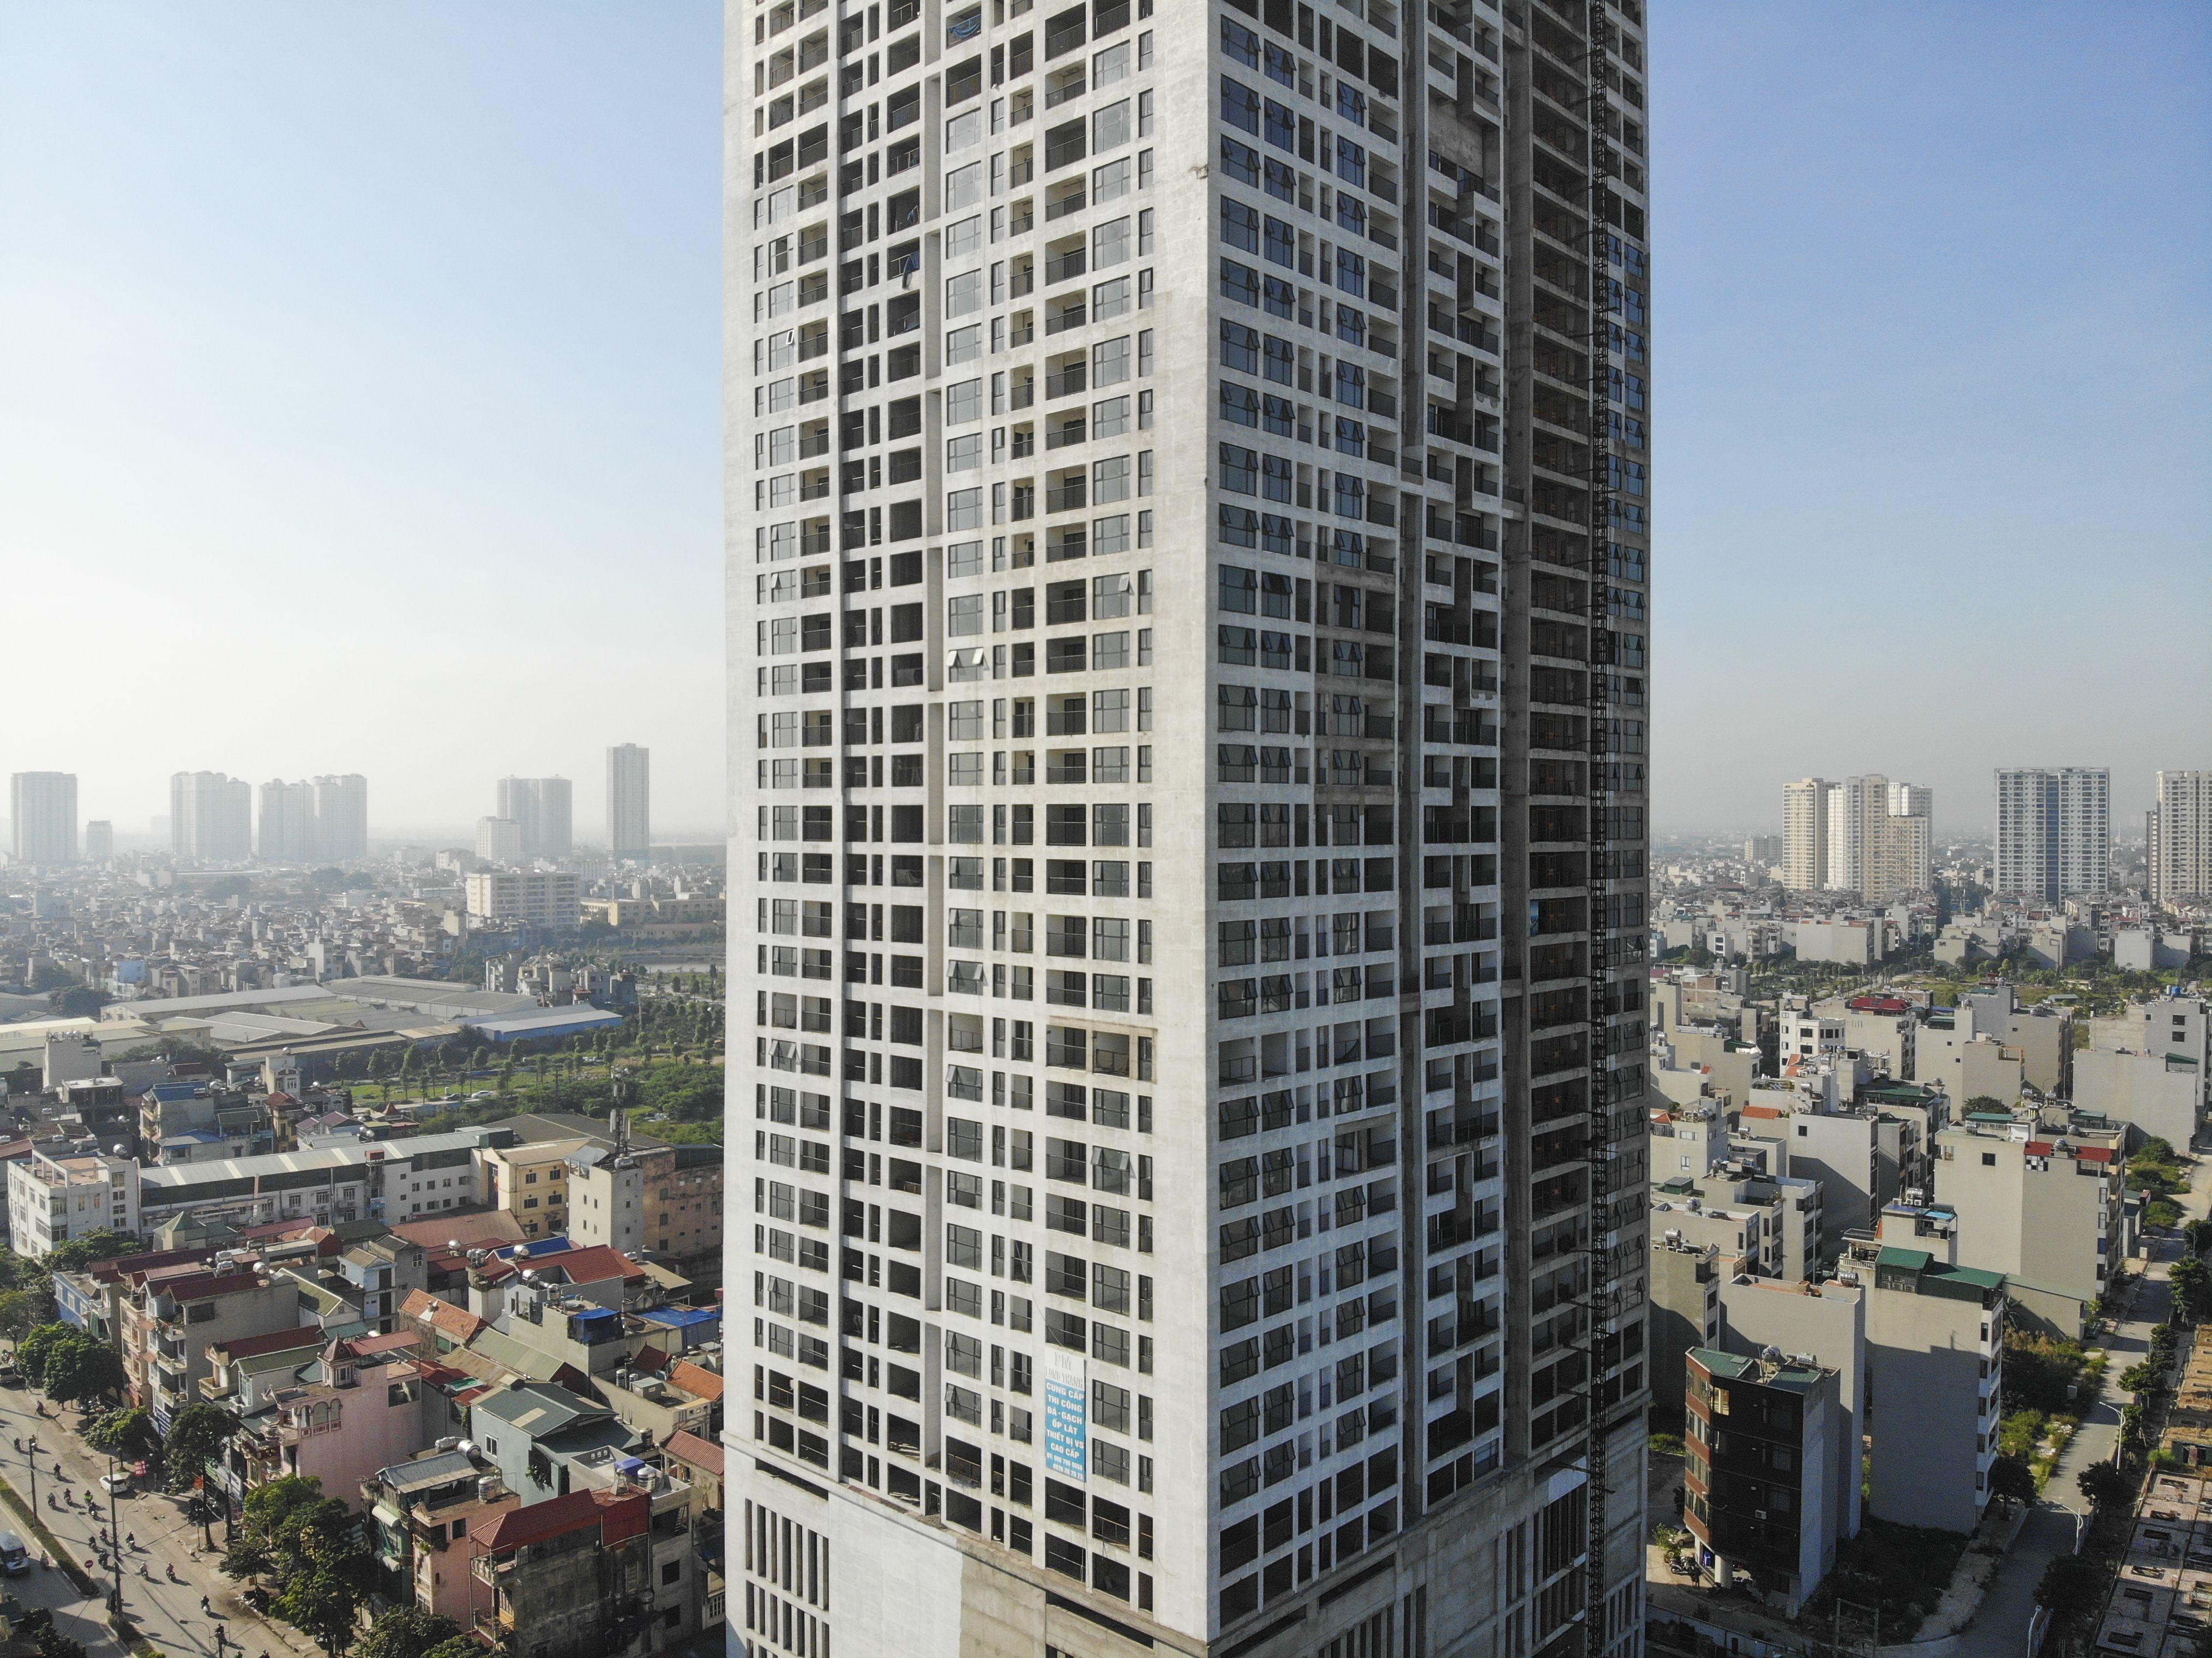 Những tòa cao ốc bỏ hoang sừng sững giữa đất vàng Hà Nội - 3